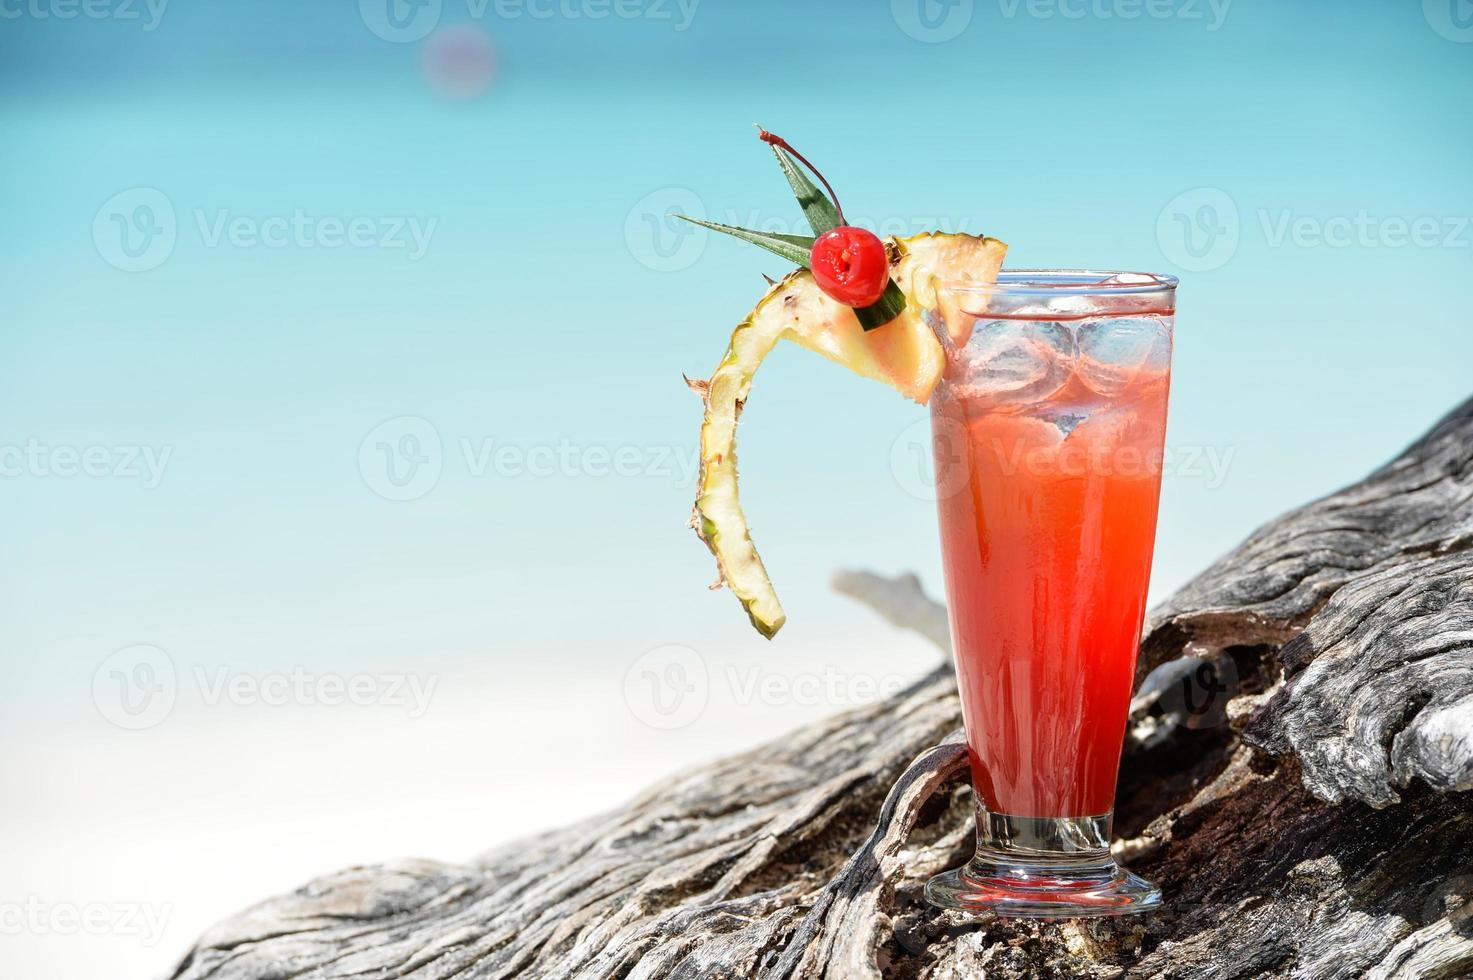 boisson sans alcool fruitée sur la plage photo